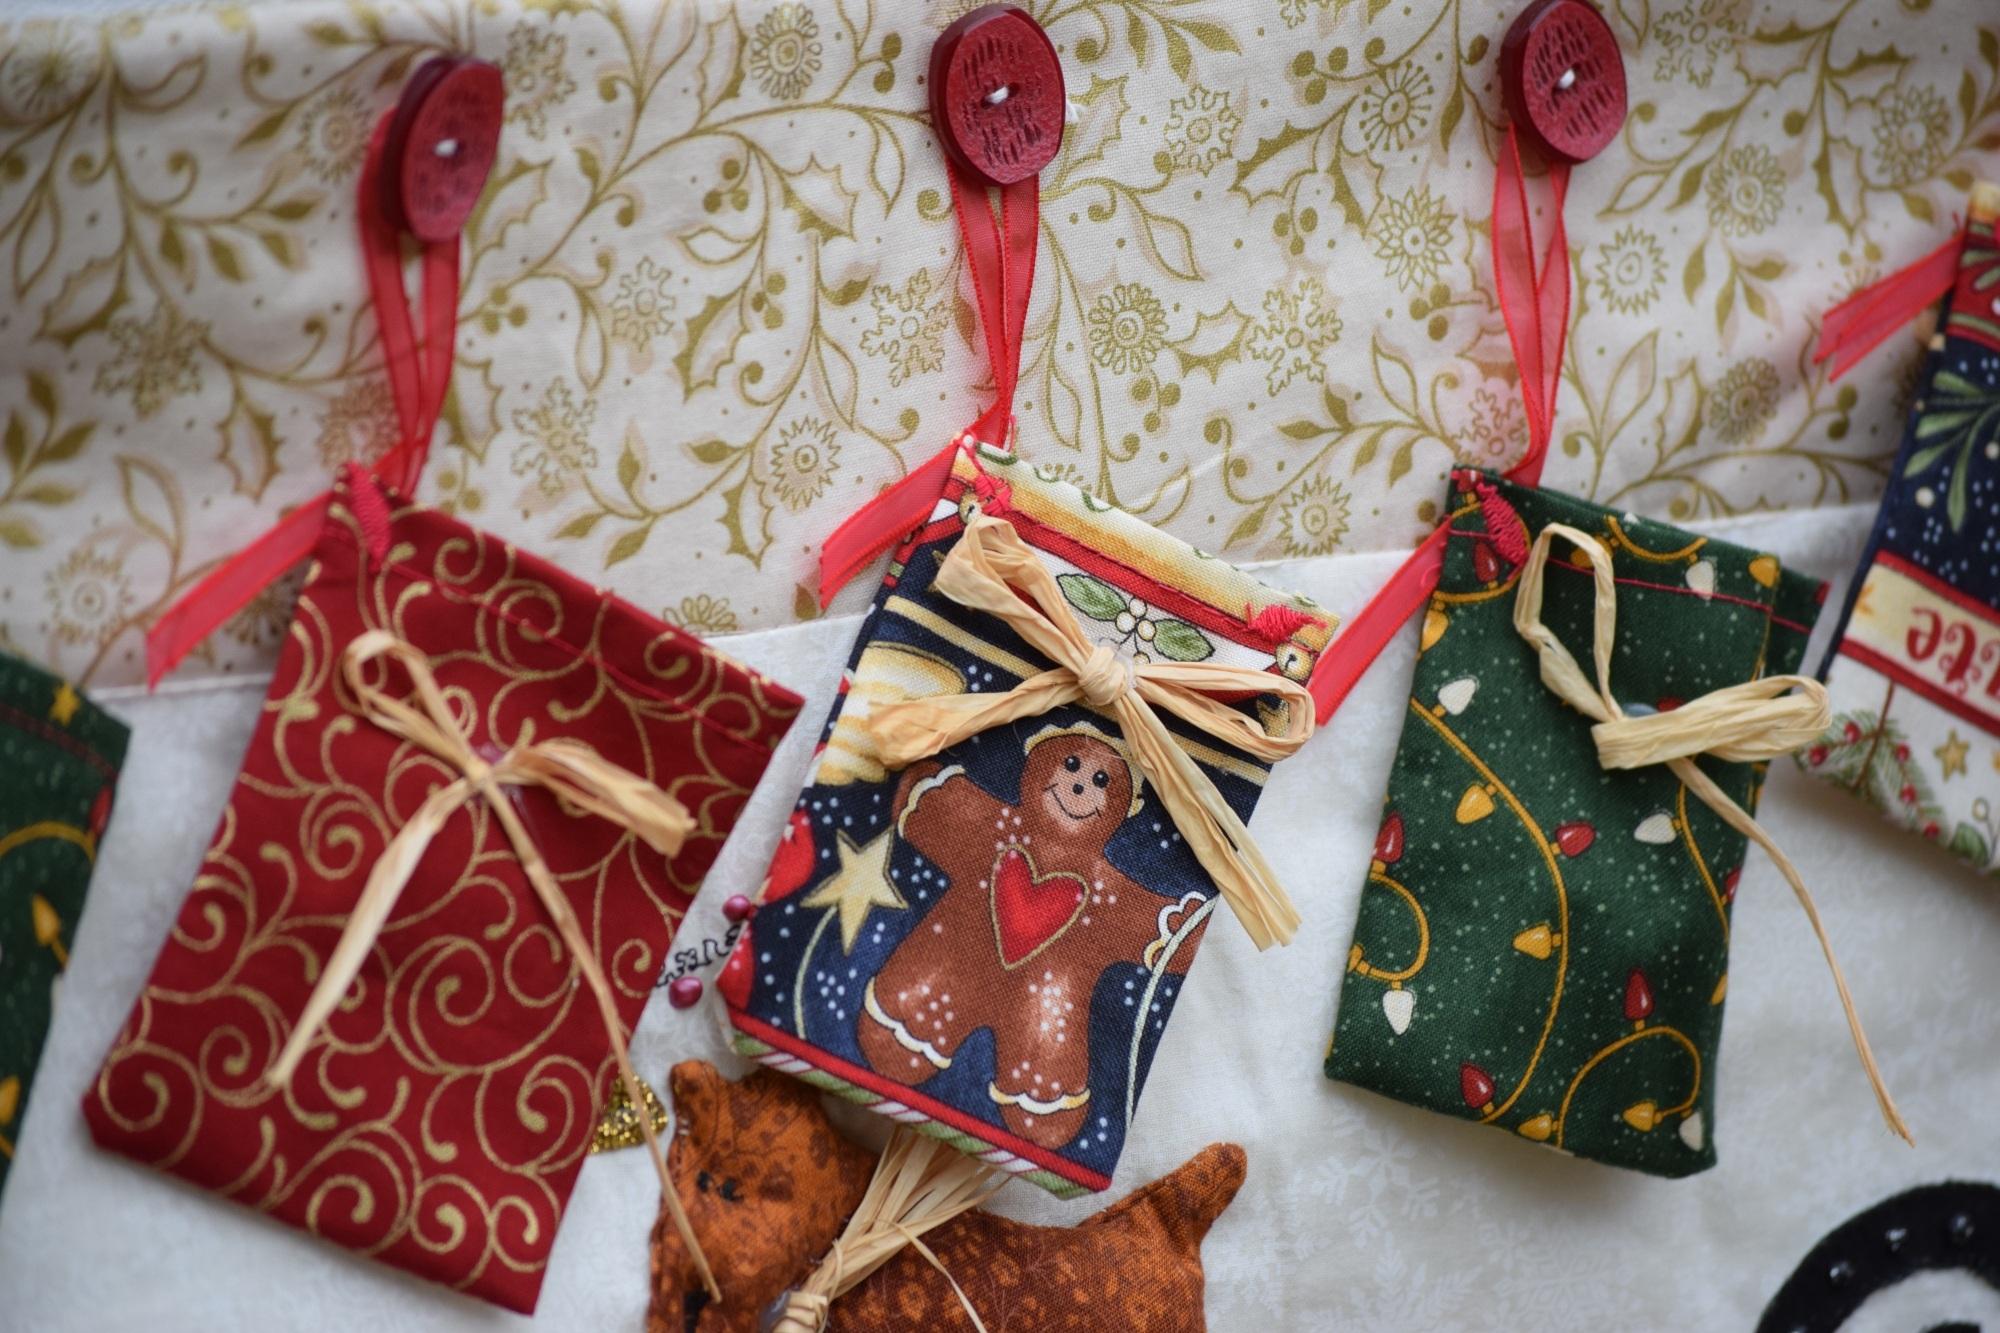 Kostenlose foto : Urlaub, Weihnachten, Geschenke, Kunst, Handwerk ...